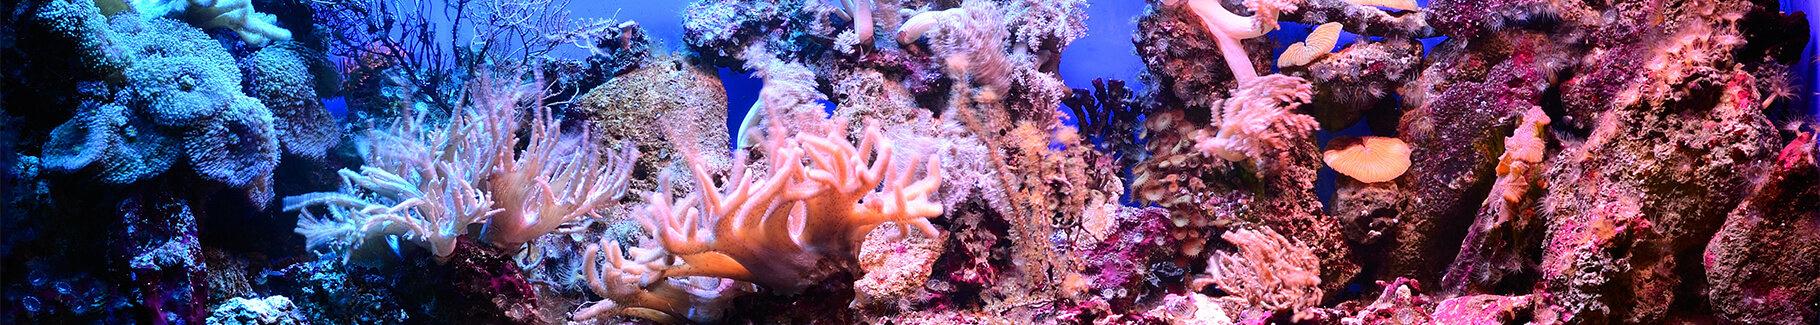 Plakat rafa koralowa i ryby